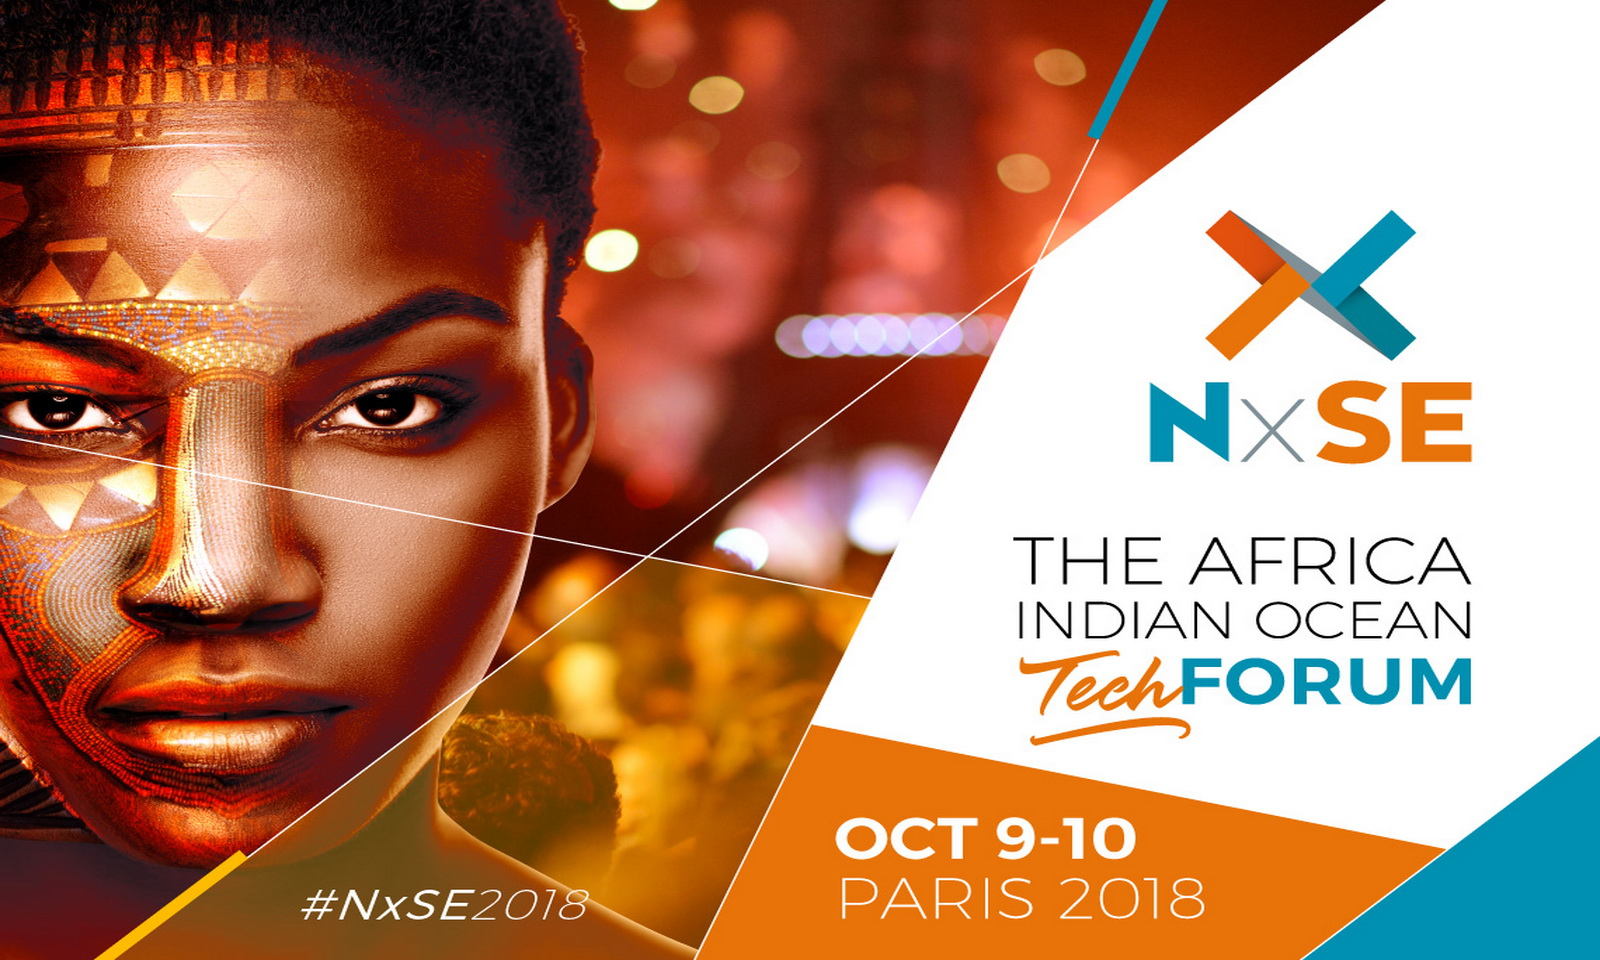 Forum NxSE à Paris : l'île de La Réunion sera à l'honneur